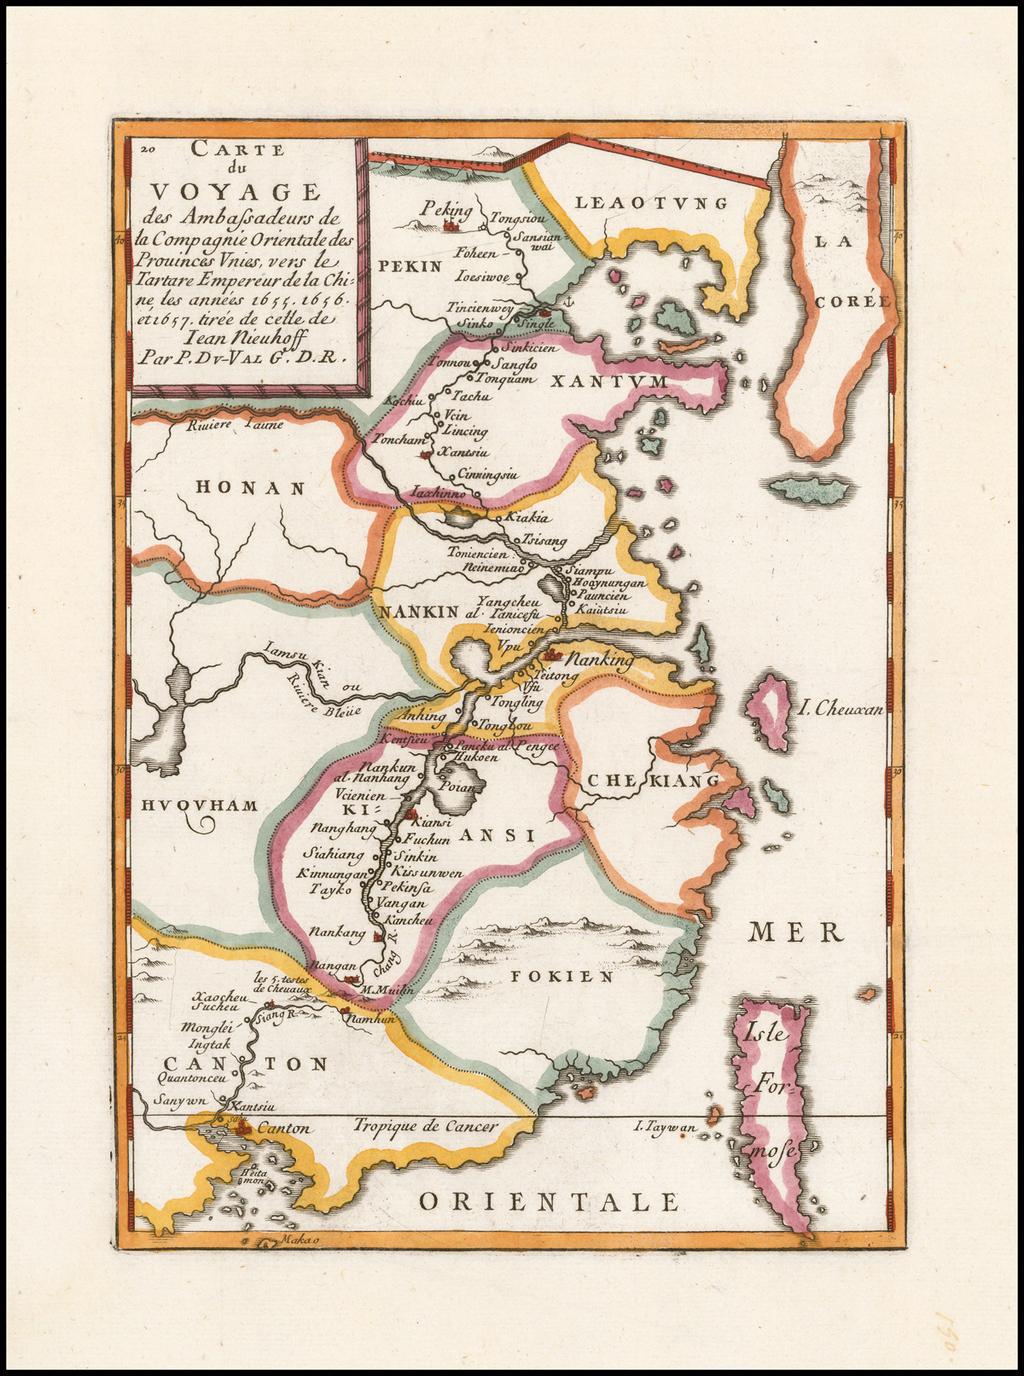 Carte du Voyage des Ambassadeurs de la Compagnie Orientale des Provinces Unies, vers le Tartare Empereur de la Chine, les annees 1655, 1656 et 1657 tiree de cette de Iean Nieuhoff . . .  By Pierre Du Val